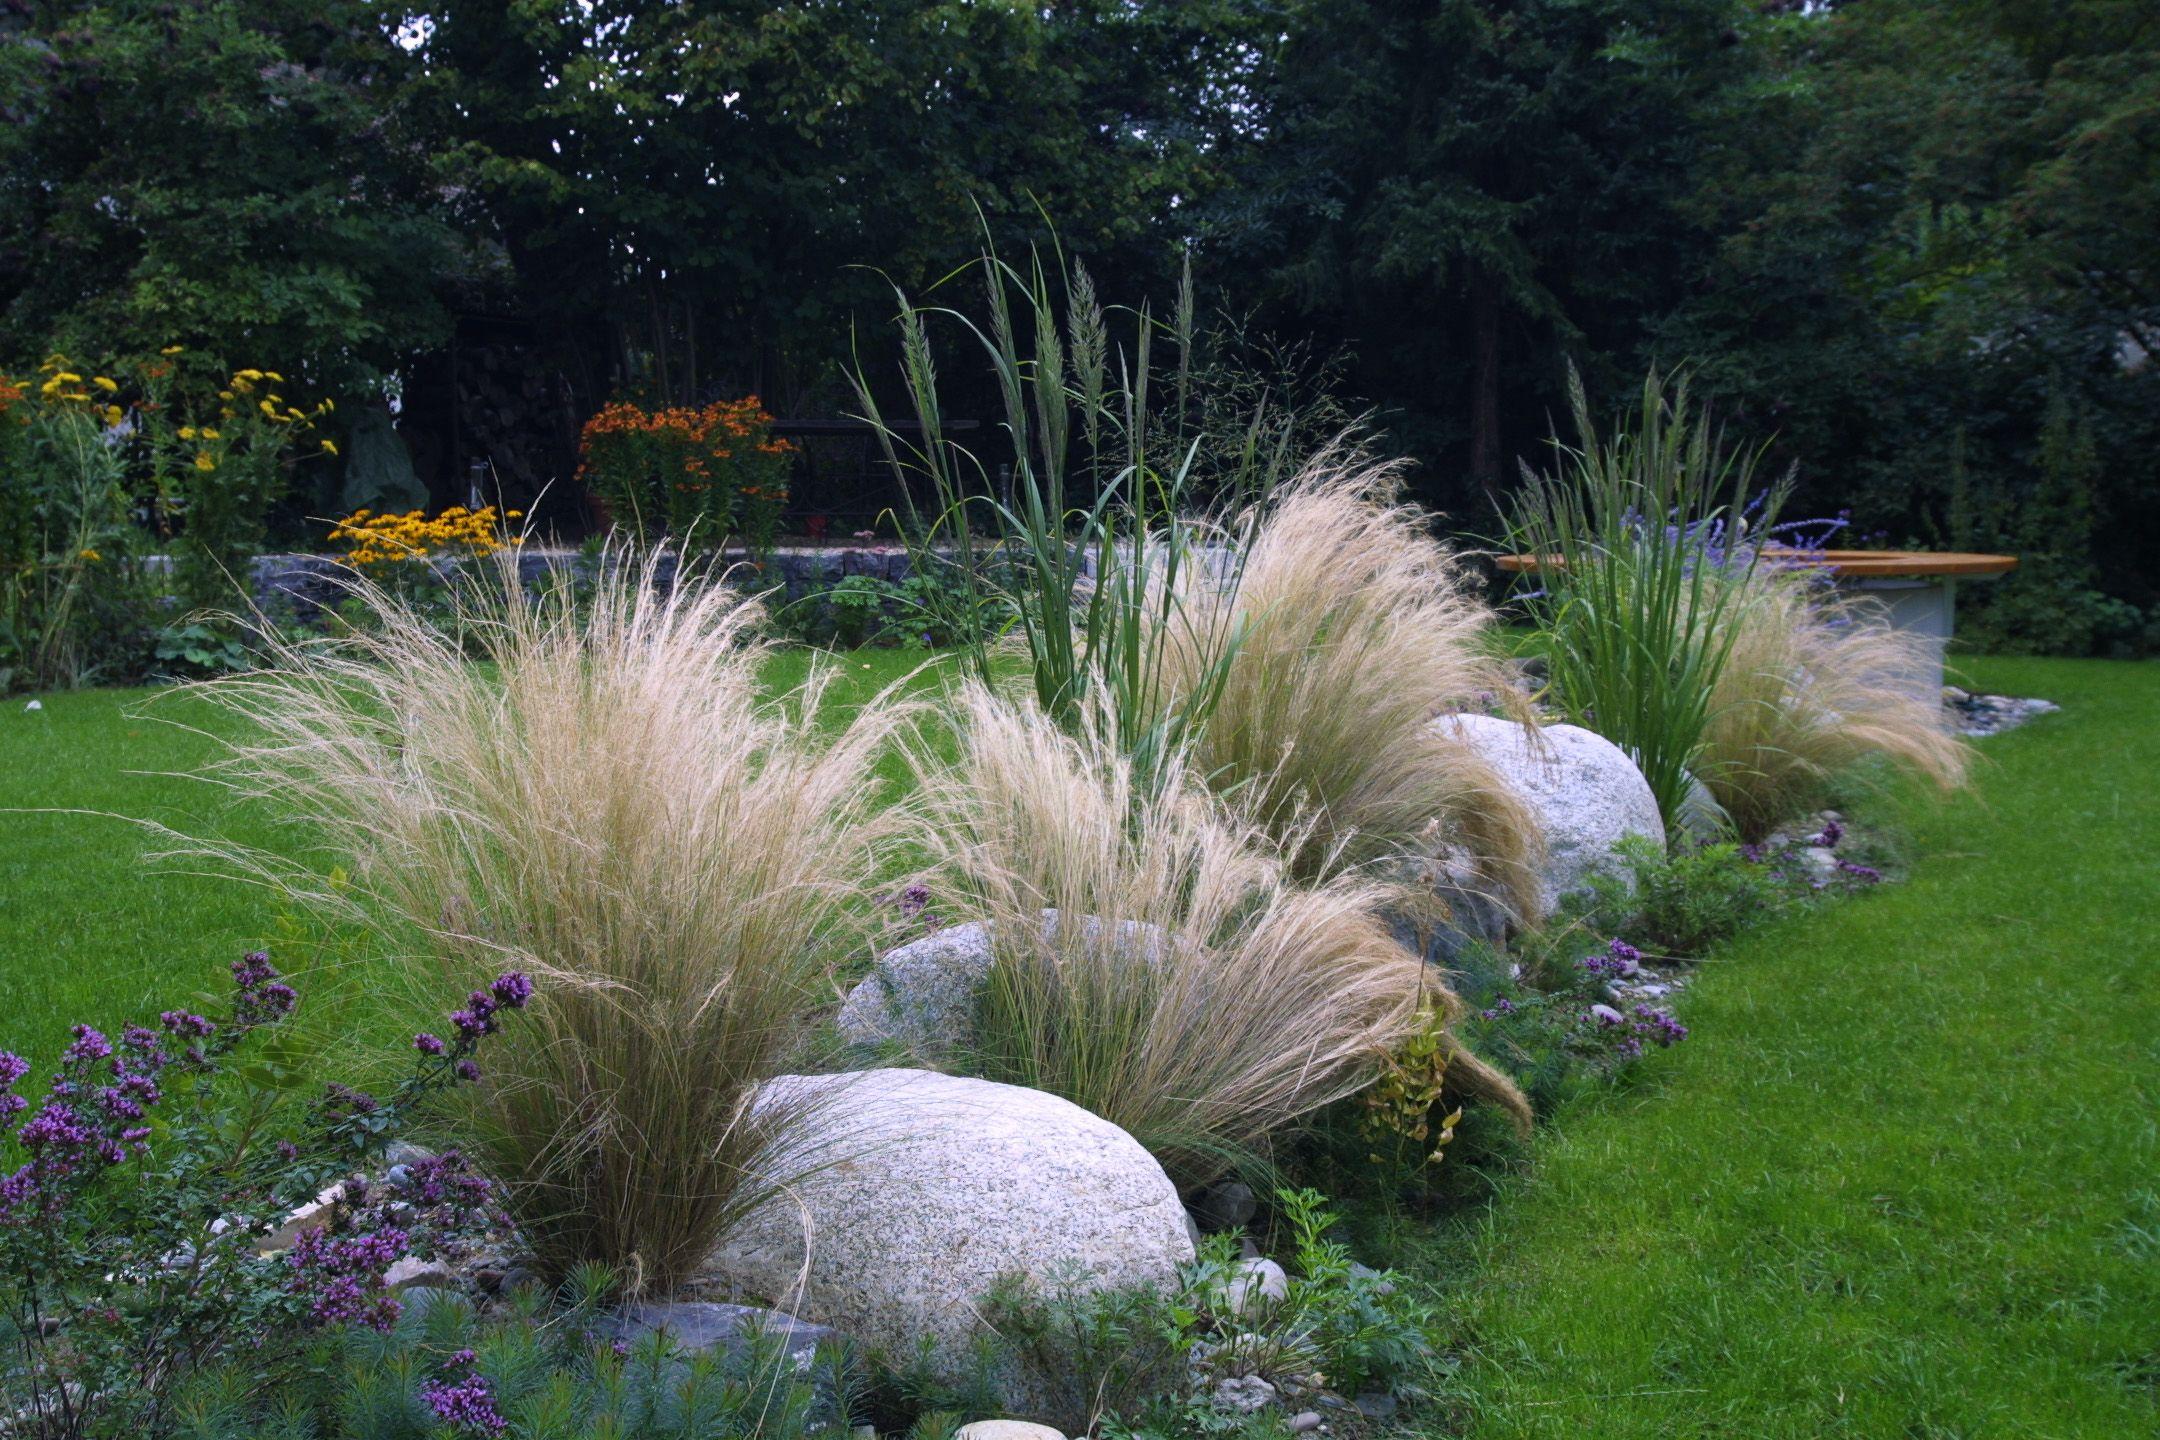 Findlinge und Ziergrser im Garten  Garten  Garten Ziergrser und Grser im garten